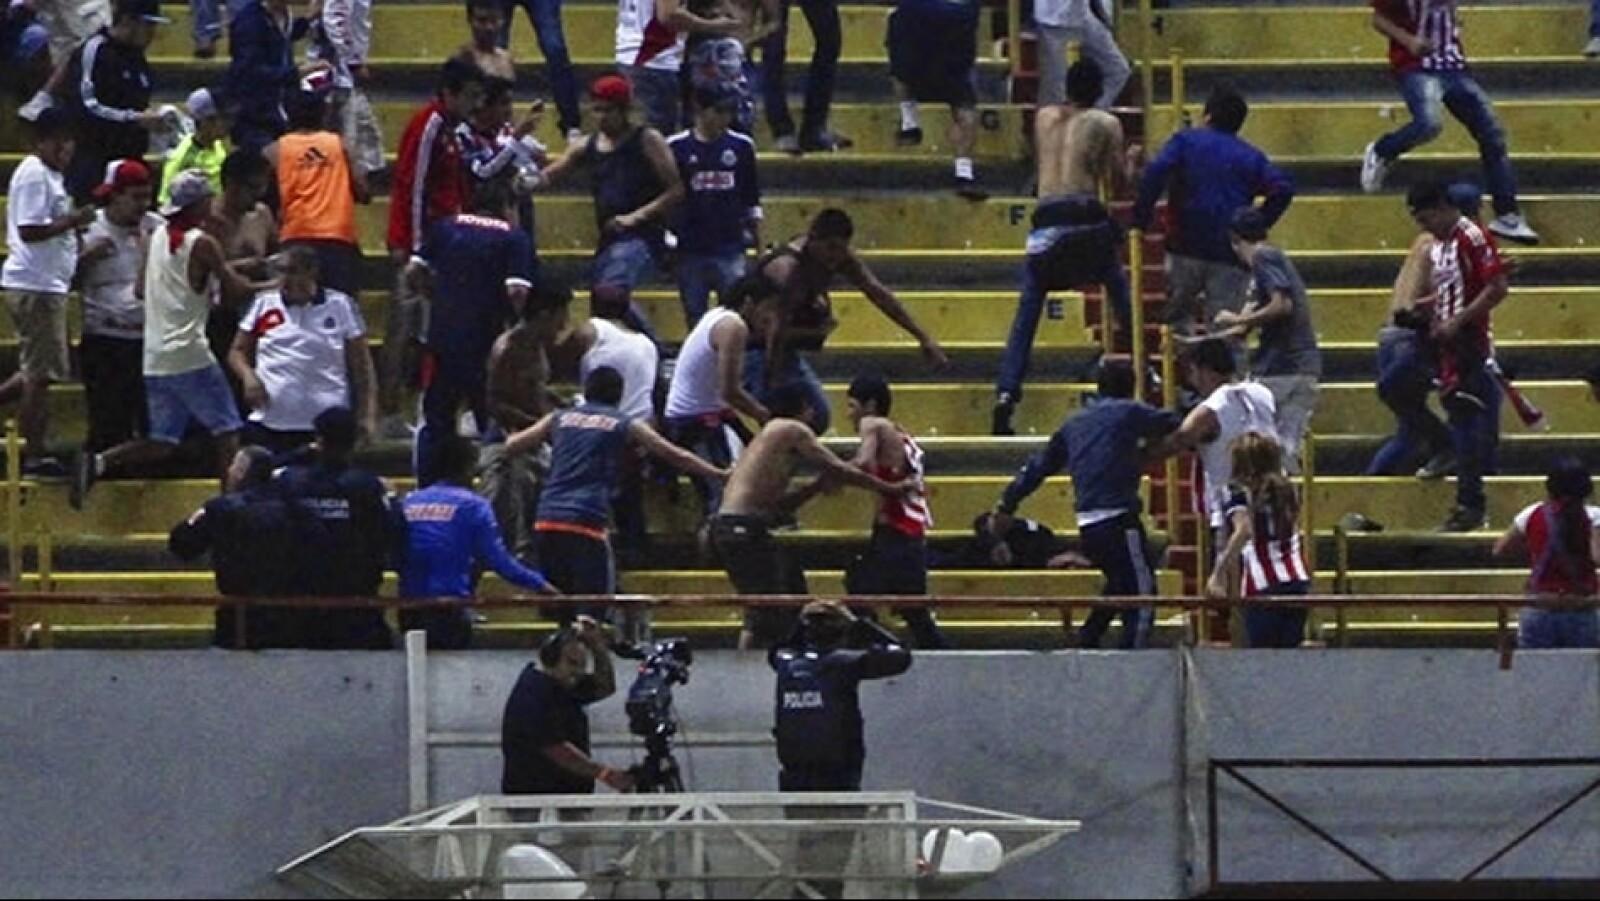 Una trifulca registrada en el clásico tapatío entre Chivas y Atlas en el estadio Jalisco dejó un saldo de 51 personas lesionadas; 21 policías y 30 civiles